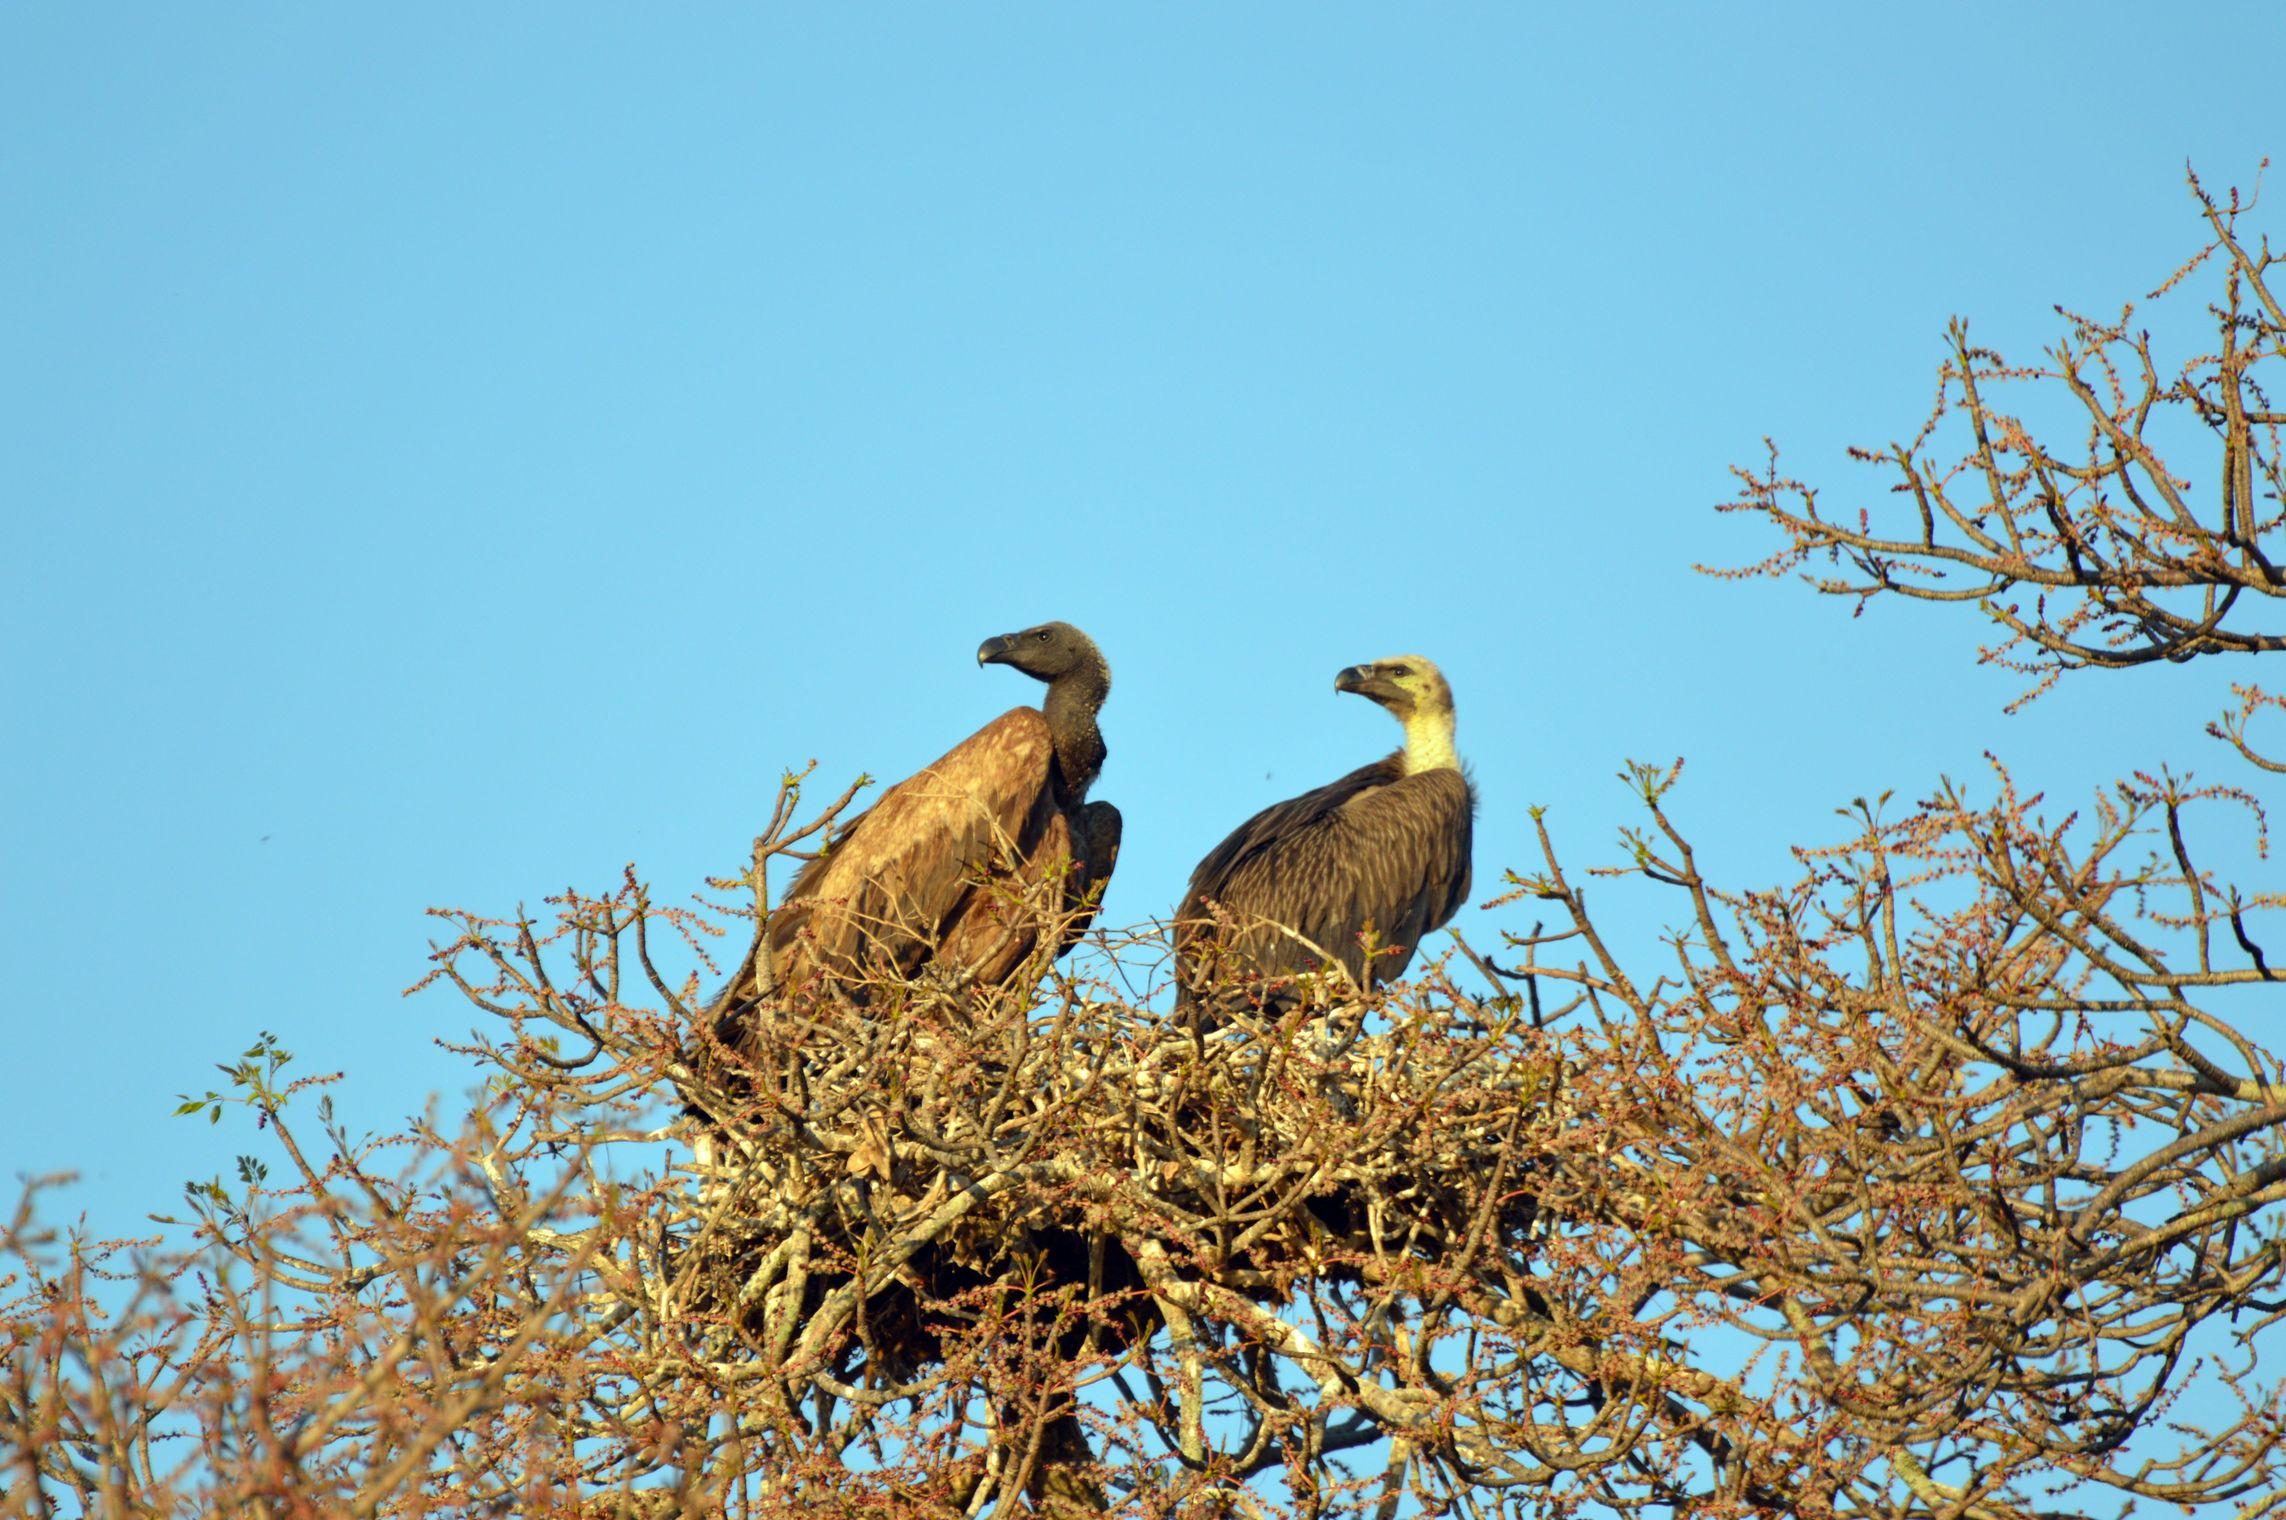 vautours couple kruger